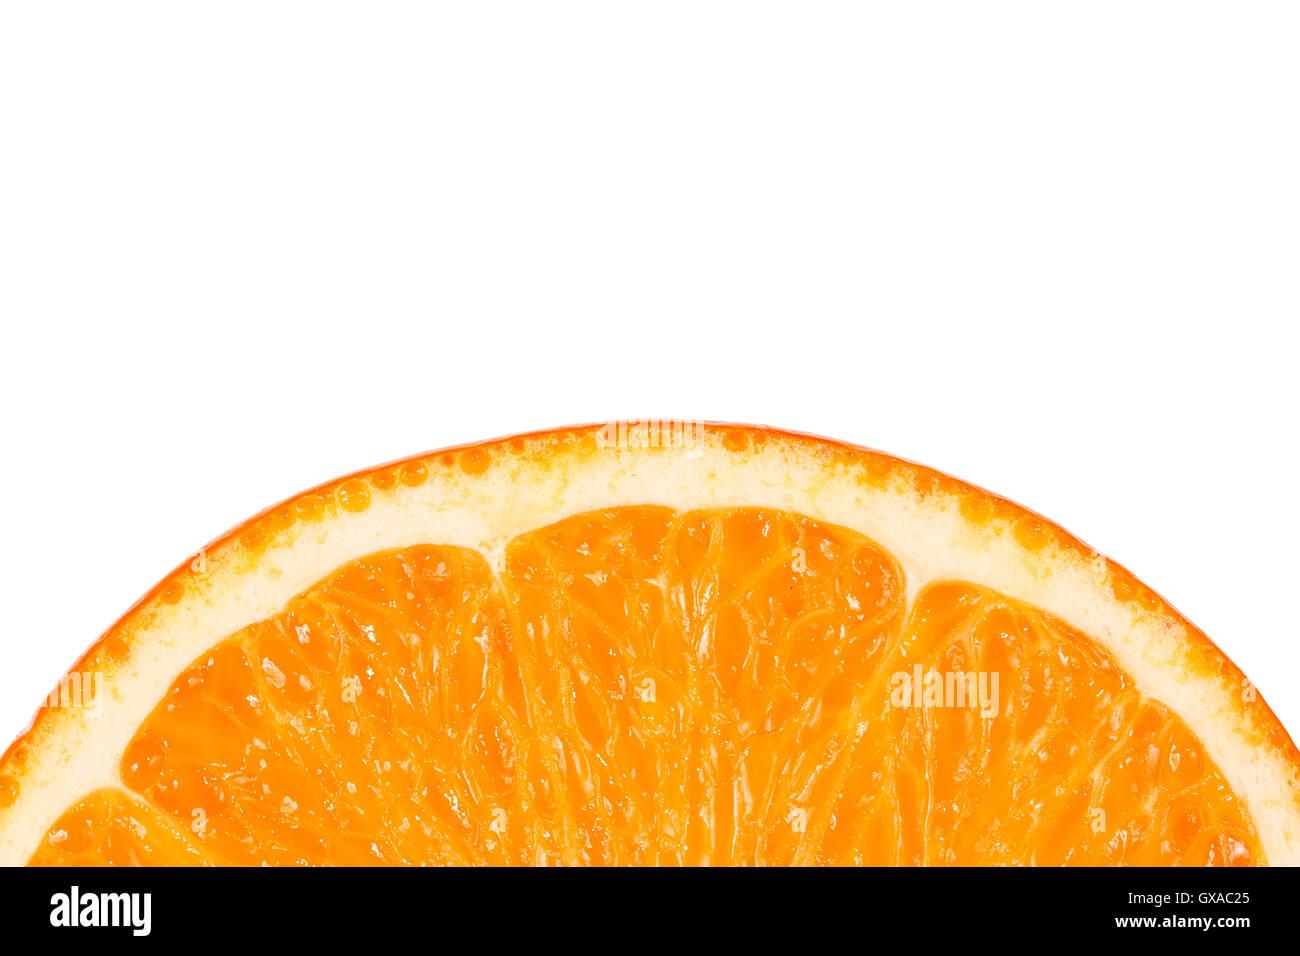 Slice of juicy tropical fruit orange on a white background - Stock Image